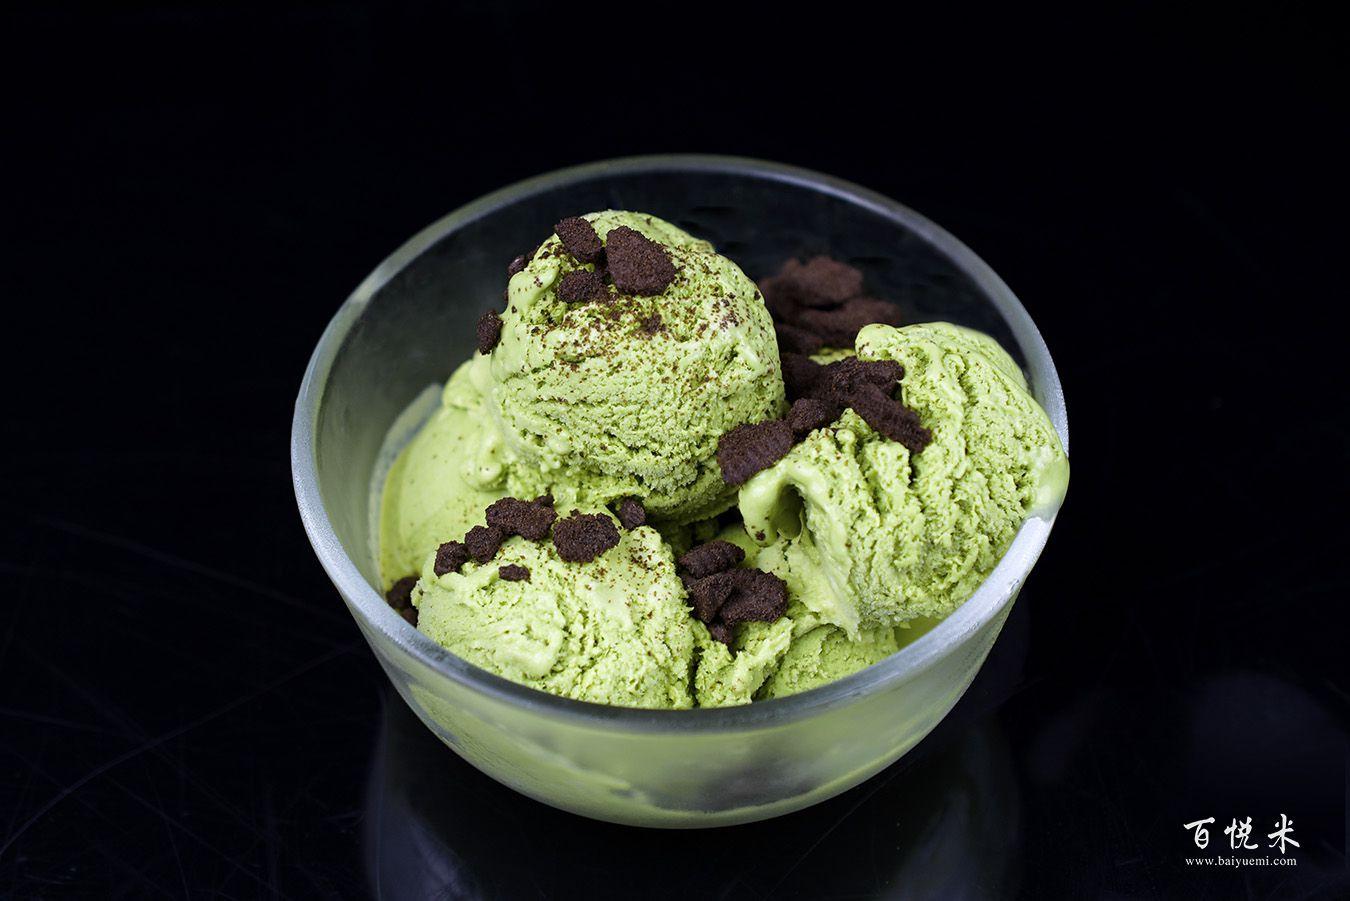 抹茶冰淇淋高清图片大全【蛋糕图片】_1215